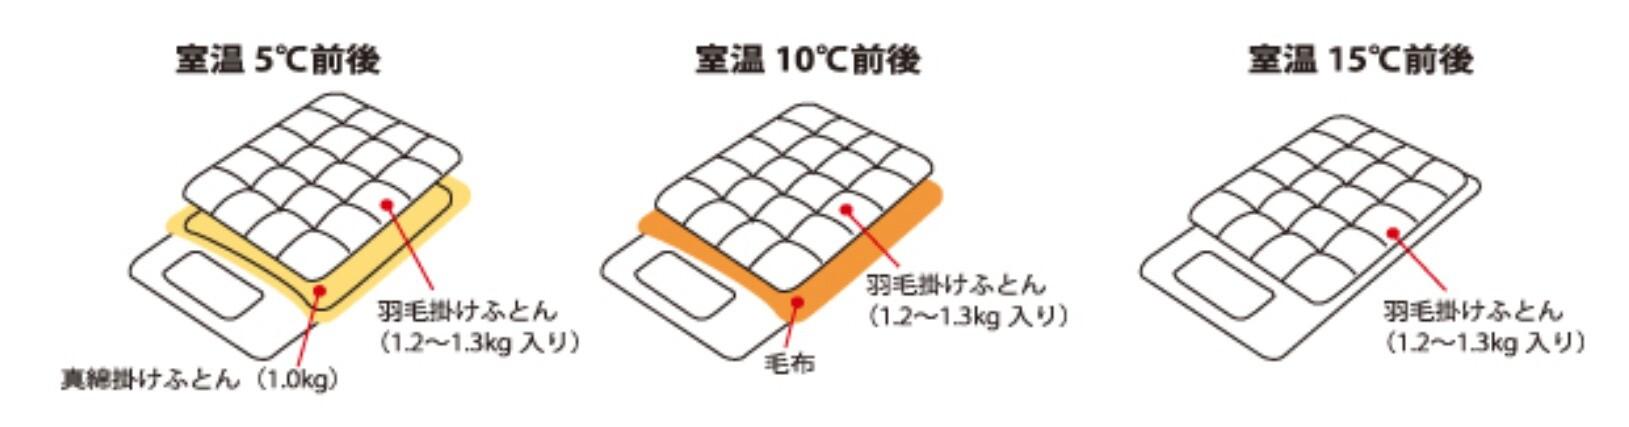 掛布団の使い方と気温